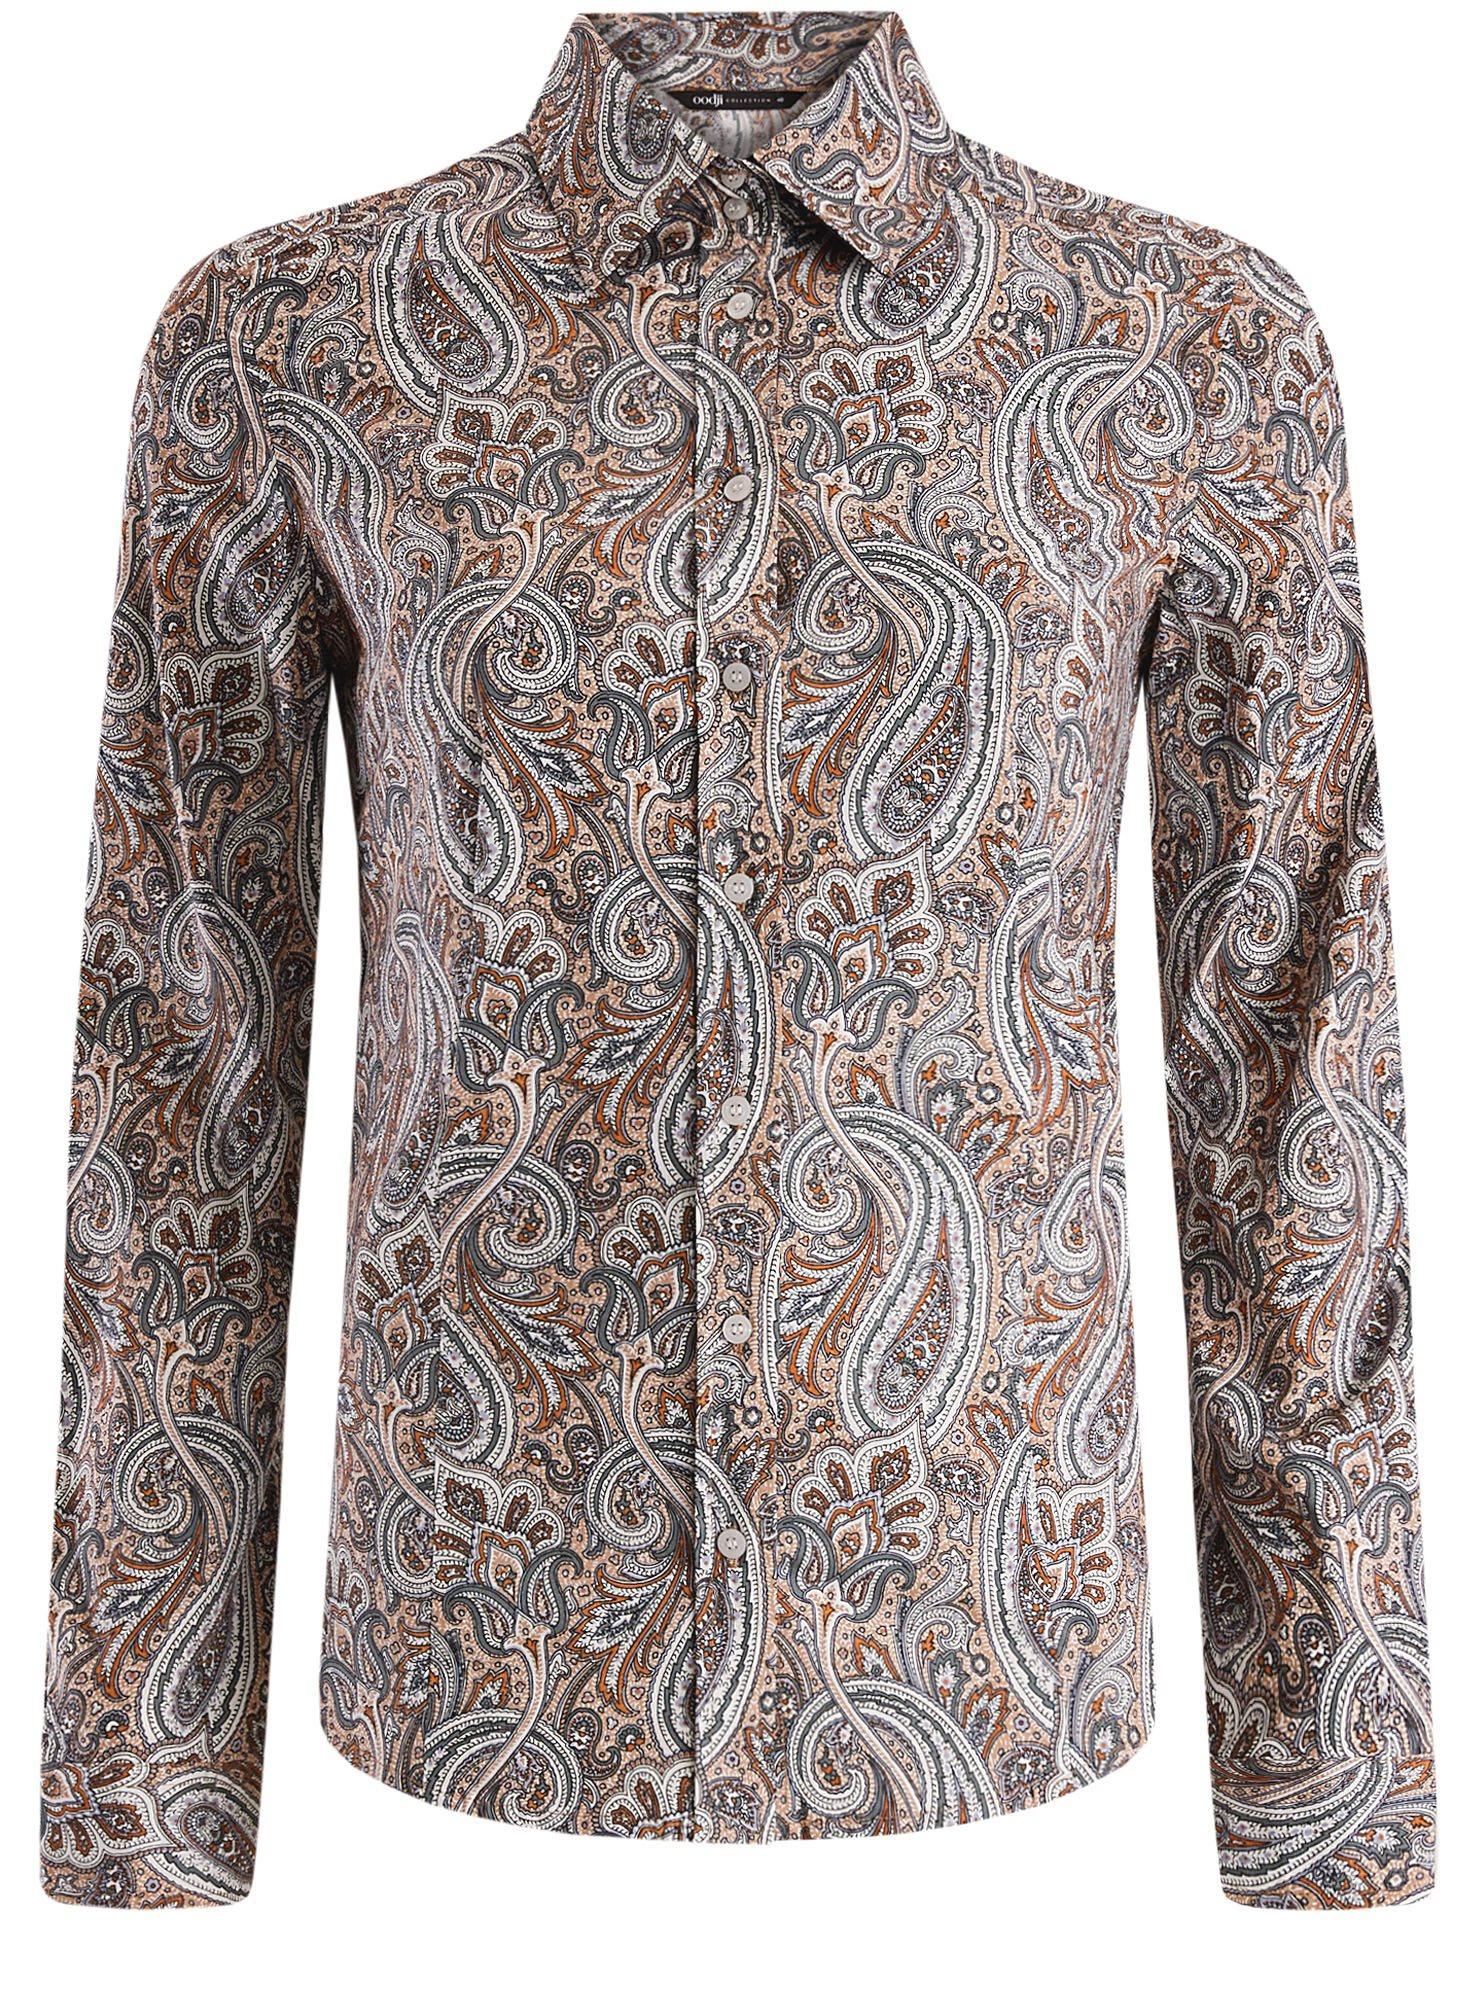 Рубашка приталенная принтованная oodji для женщины (бежевый), 21402212/14885/3355E